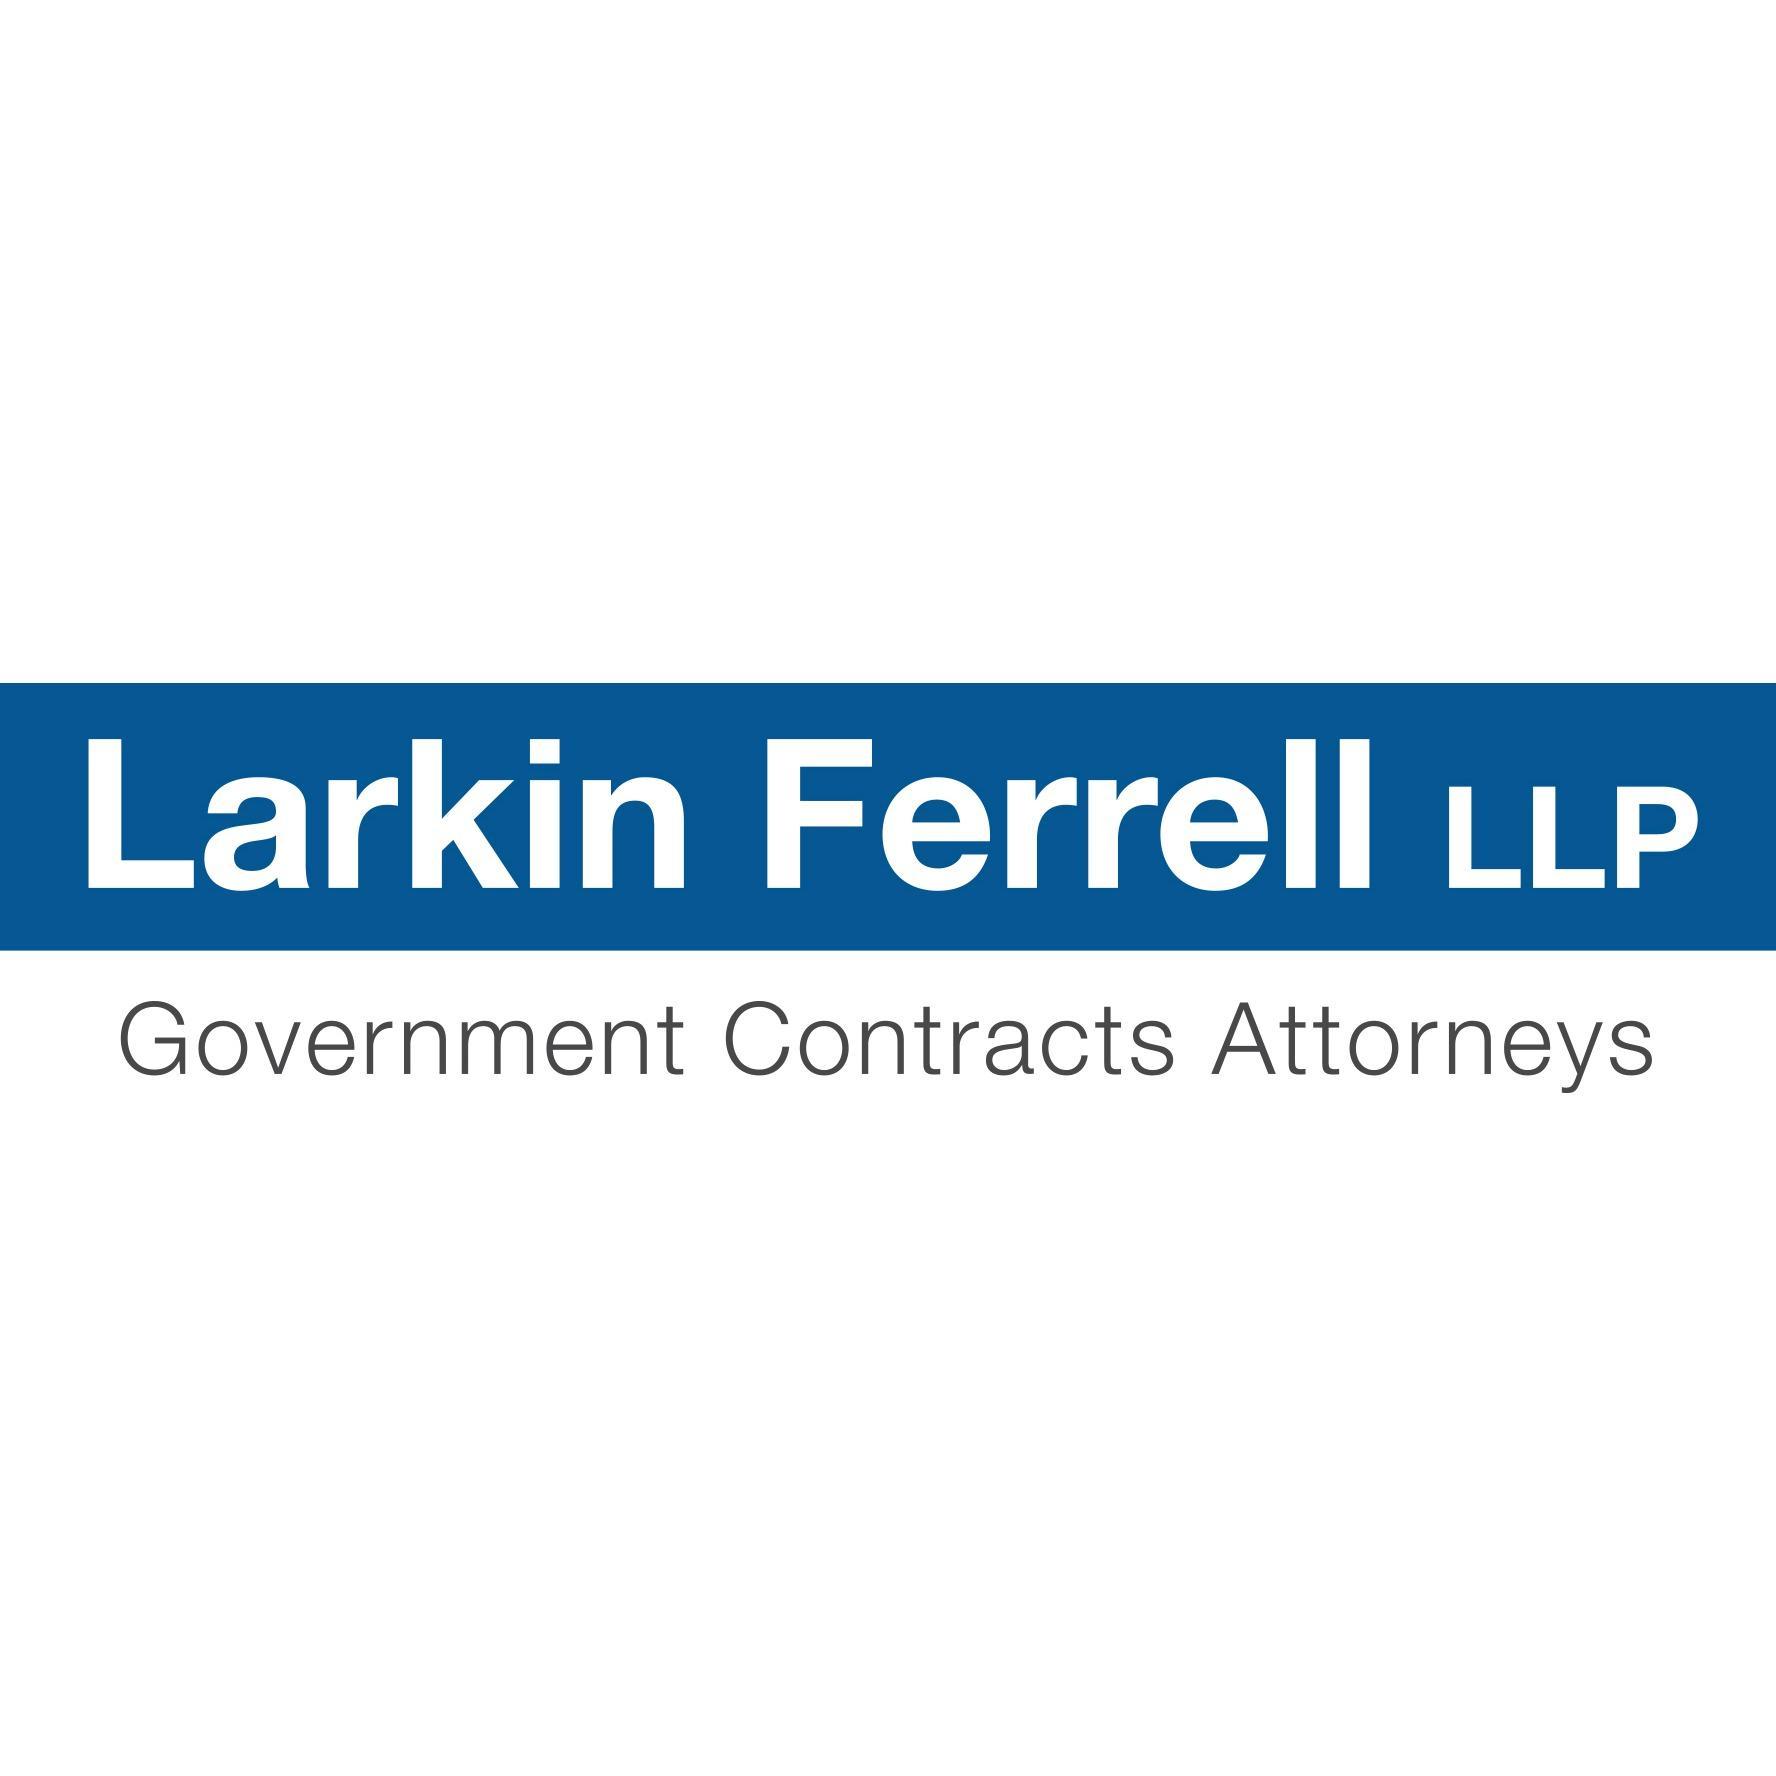 Larkin Ferrell LLP